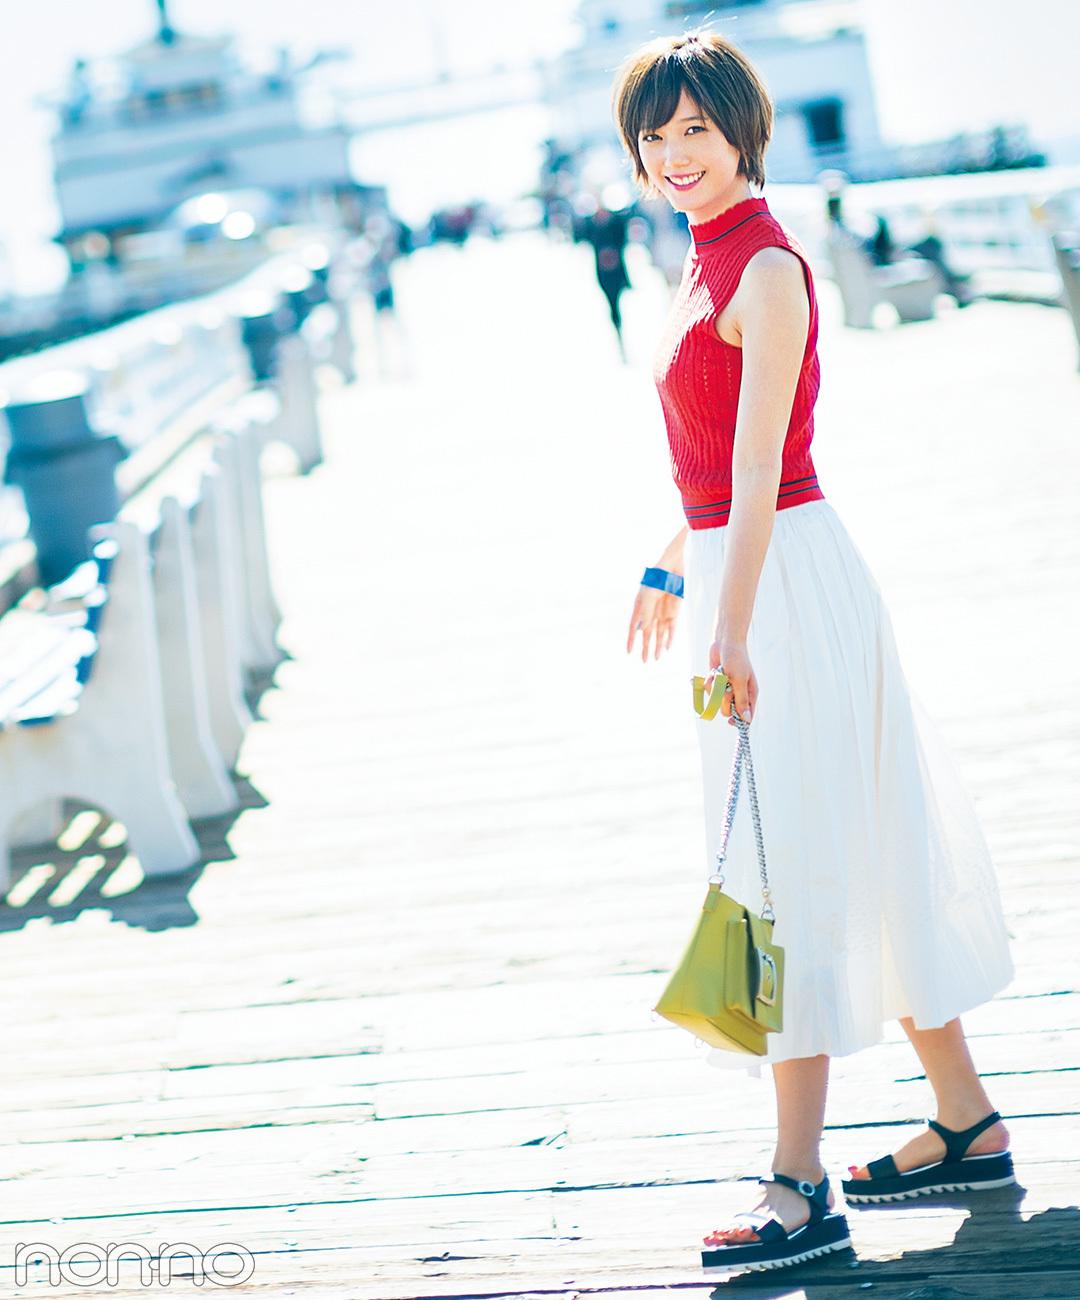 ばっさーはやっぱりかわいい♡ 本田翼のl.a.ファッションストーリー